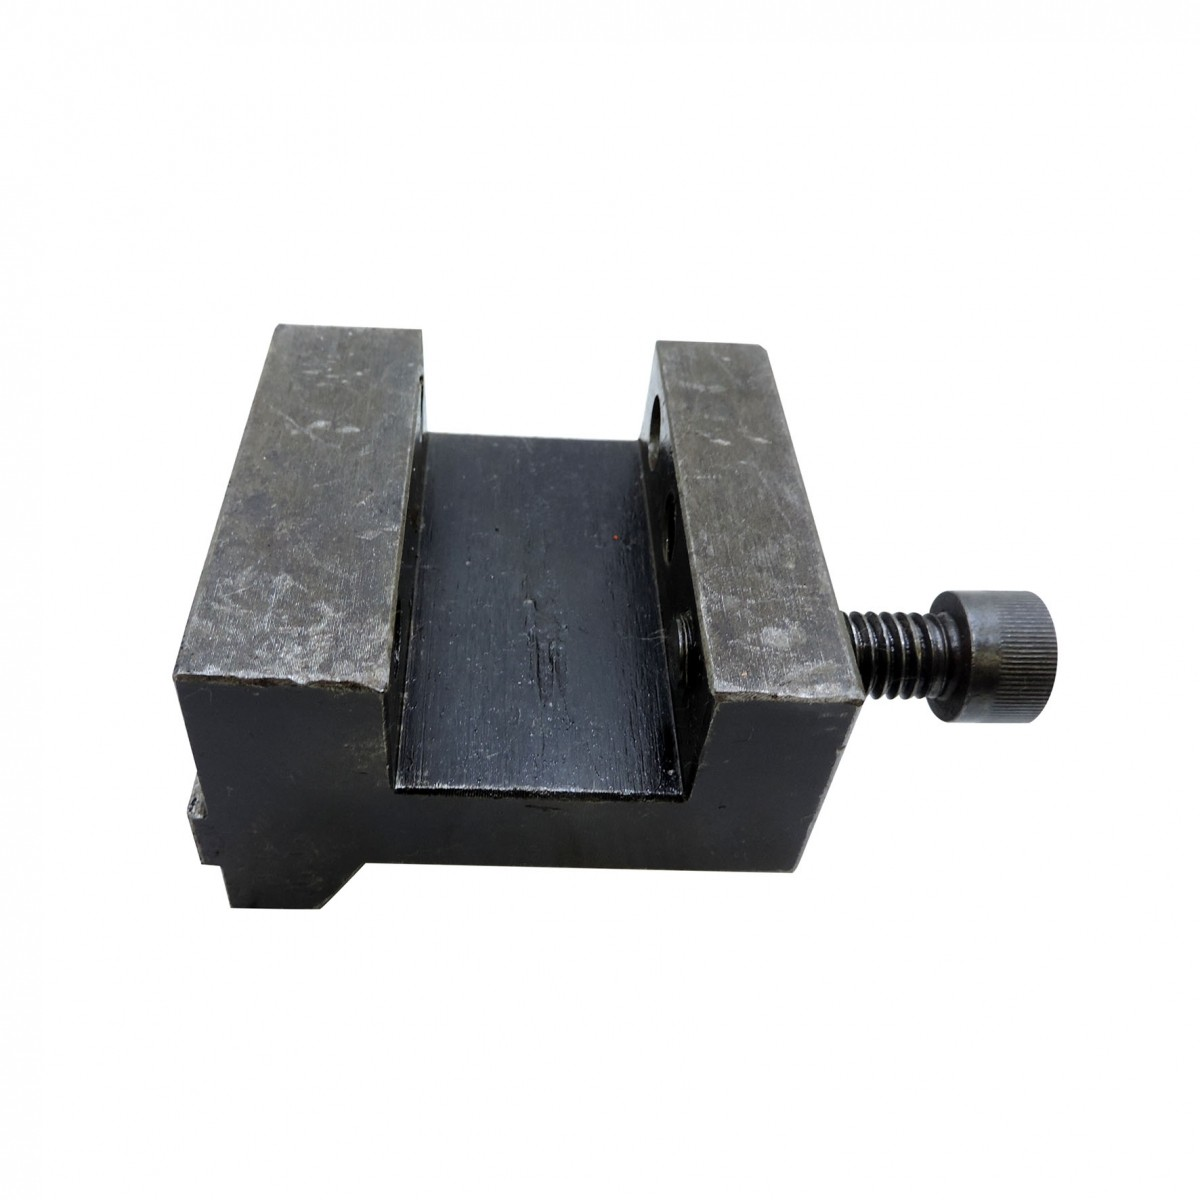 Suporte/porta Ferramentas Para Torno Revólver Sc20 - Usado